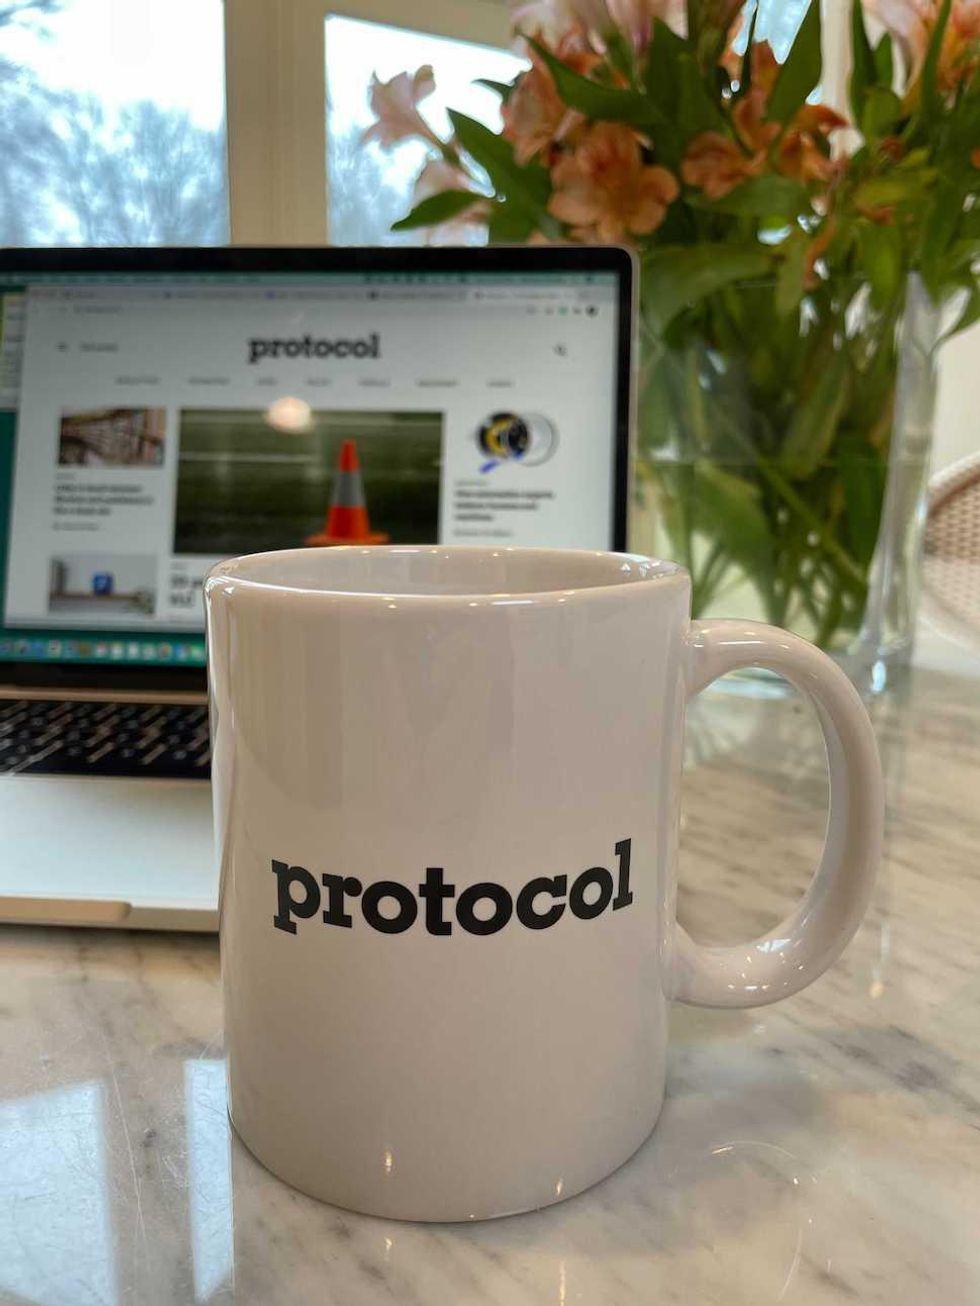 Protocol Mug